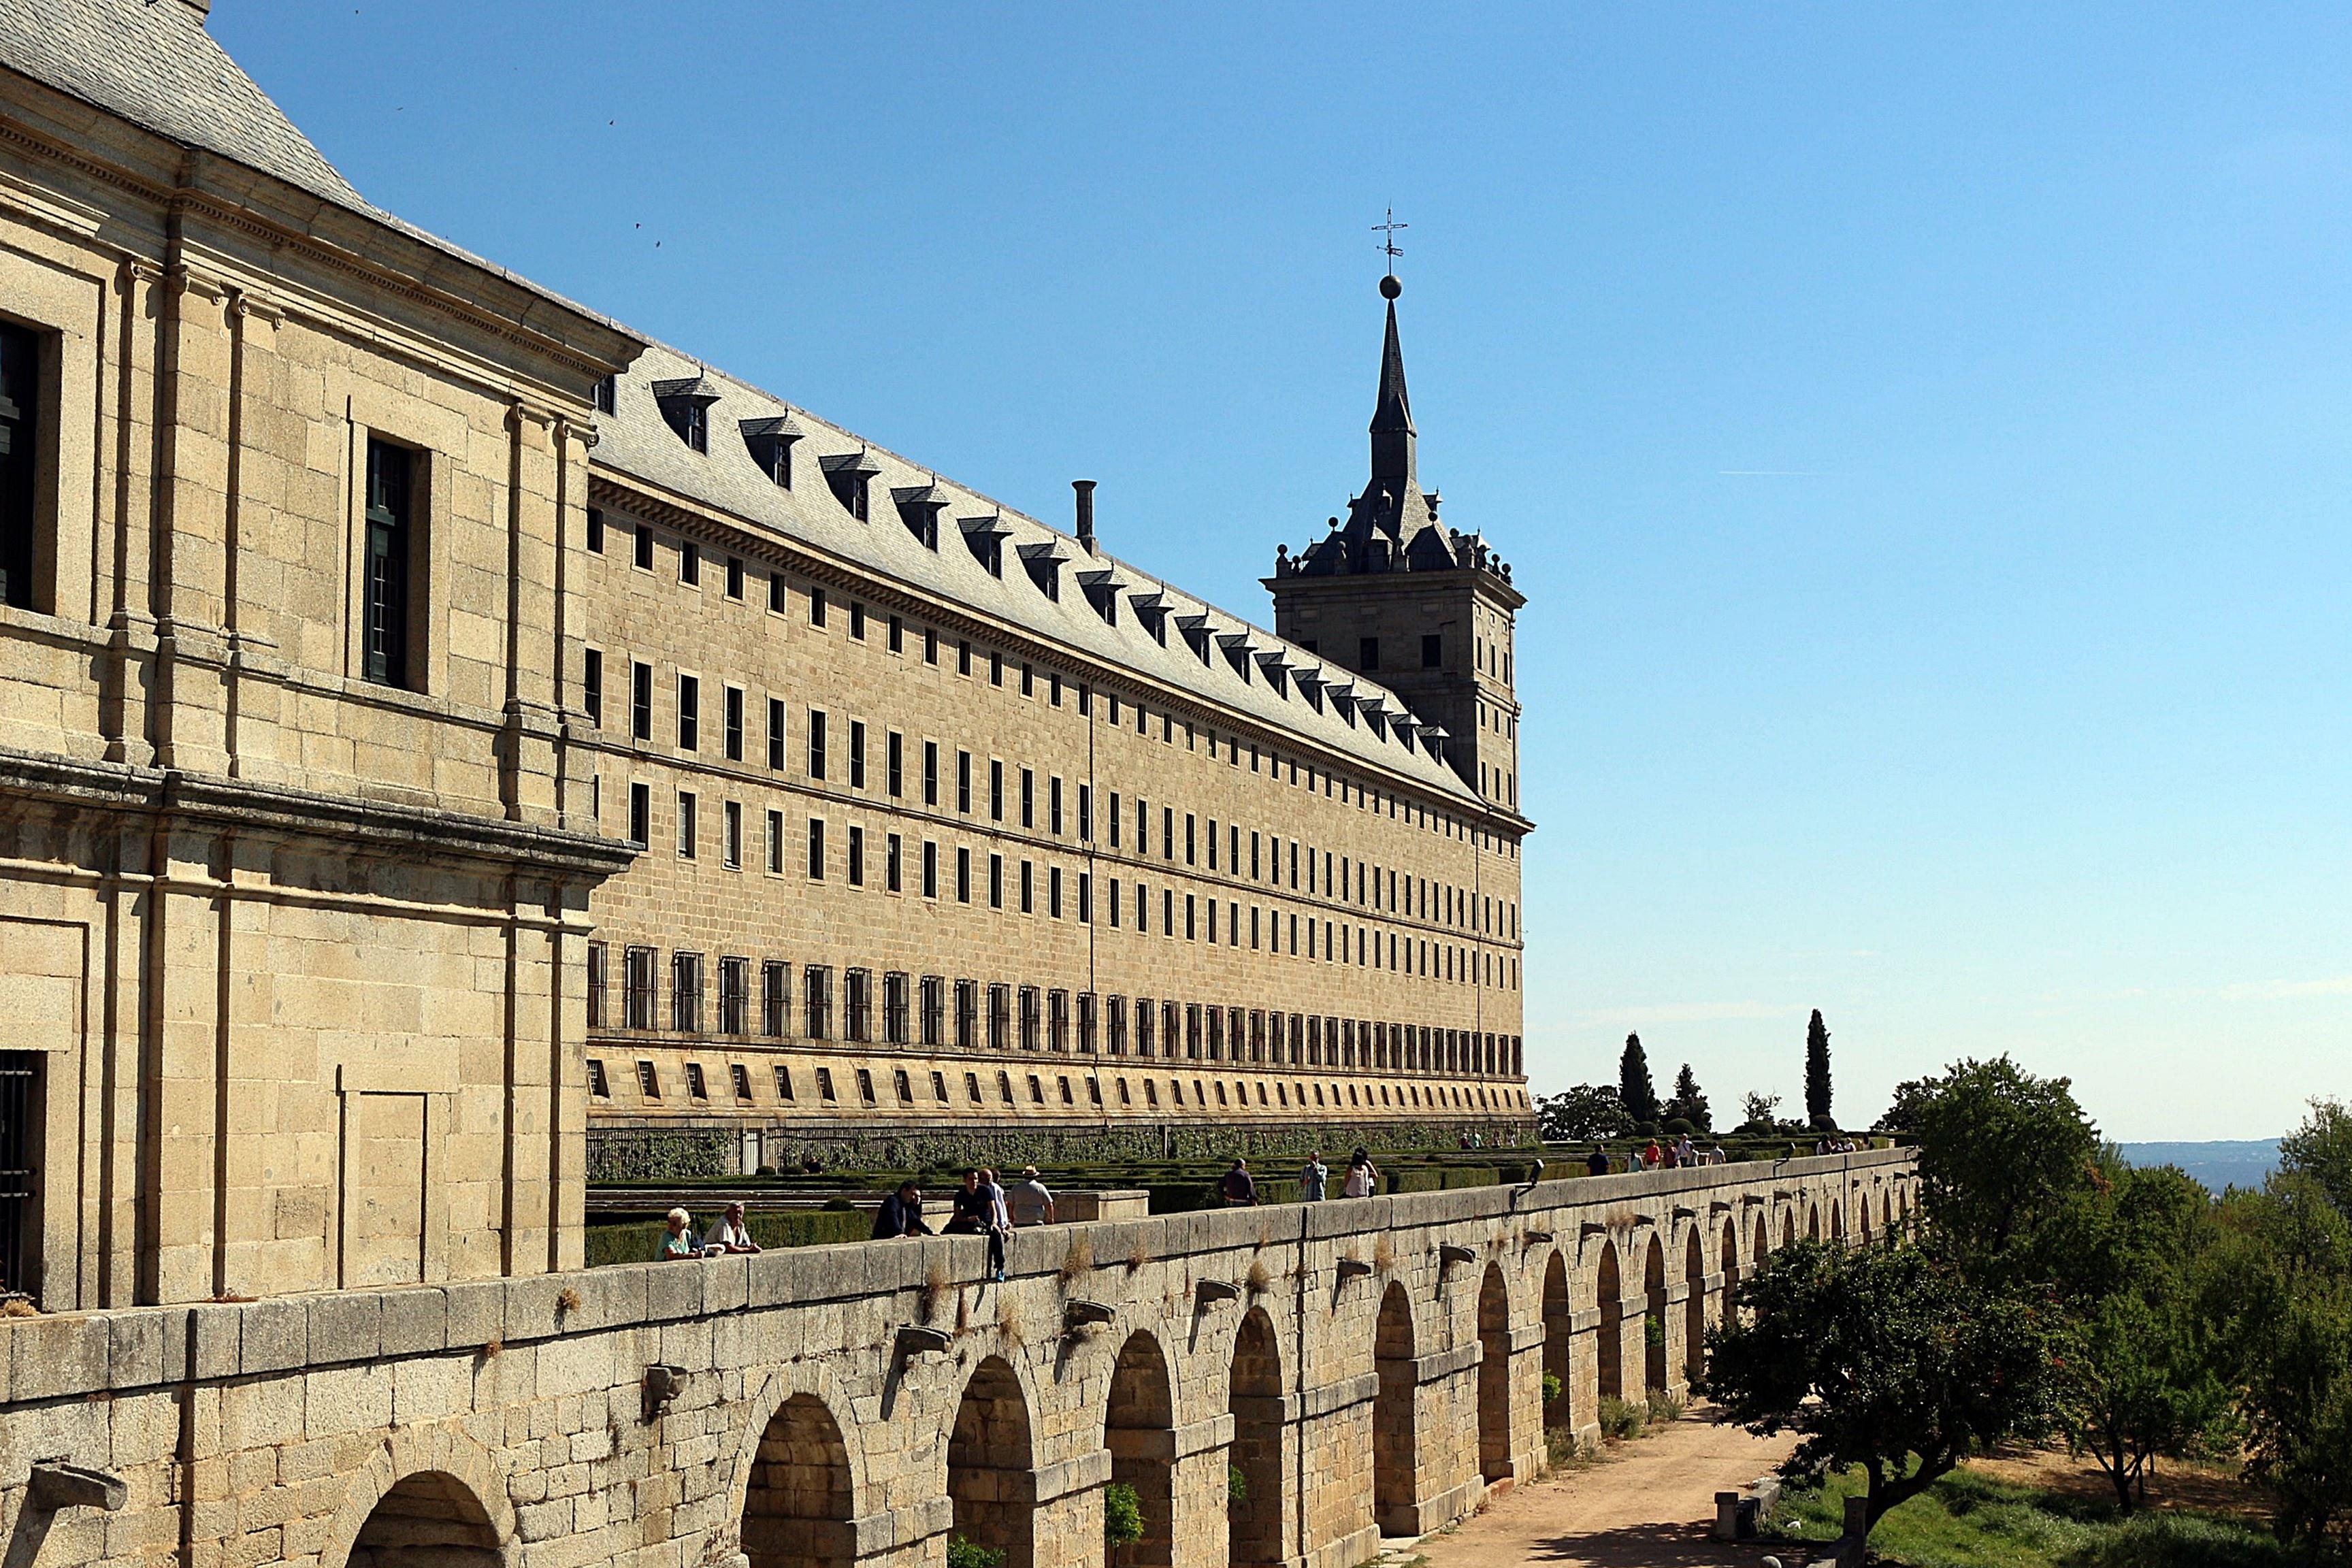 monasterio 3 - Visita al Real Monasterio de El Escorial y tapeo